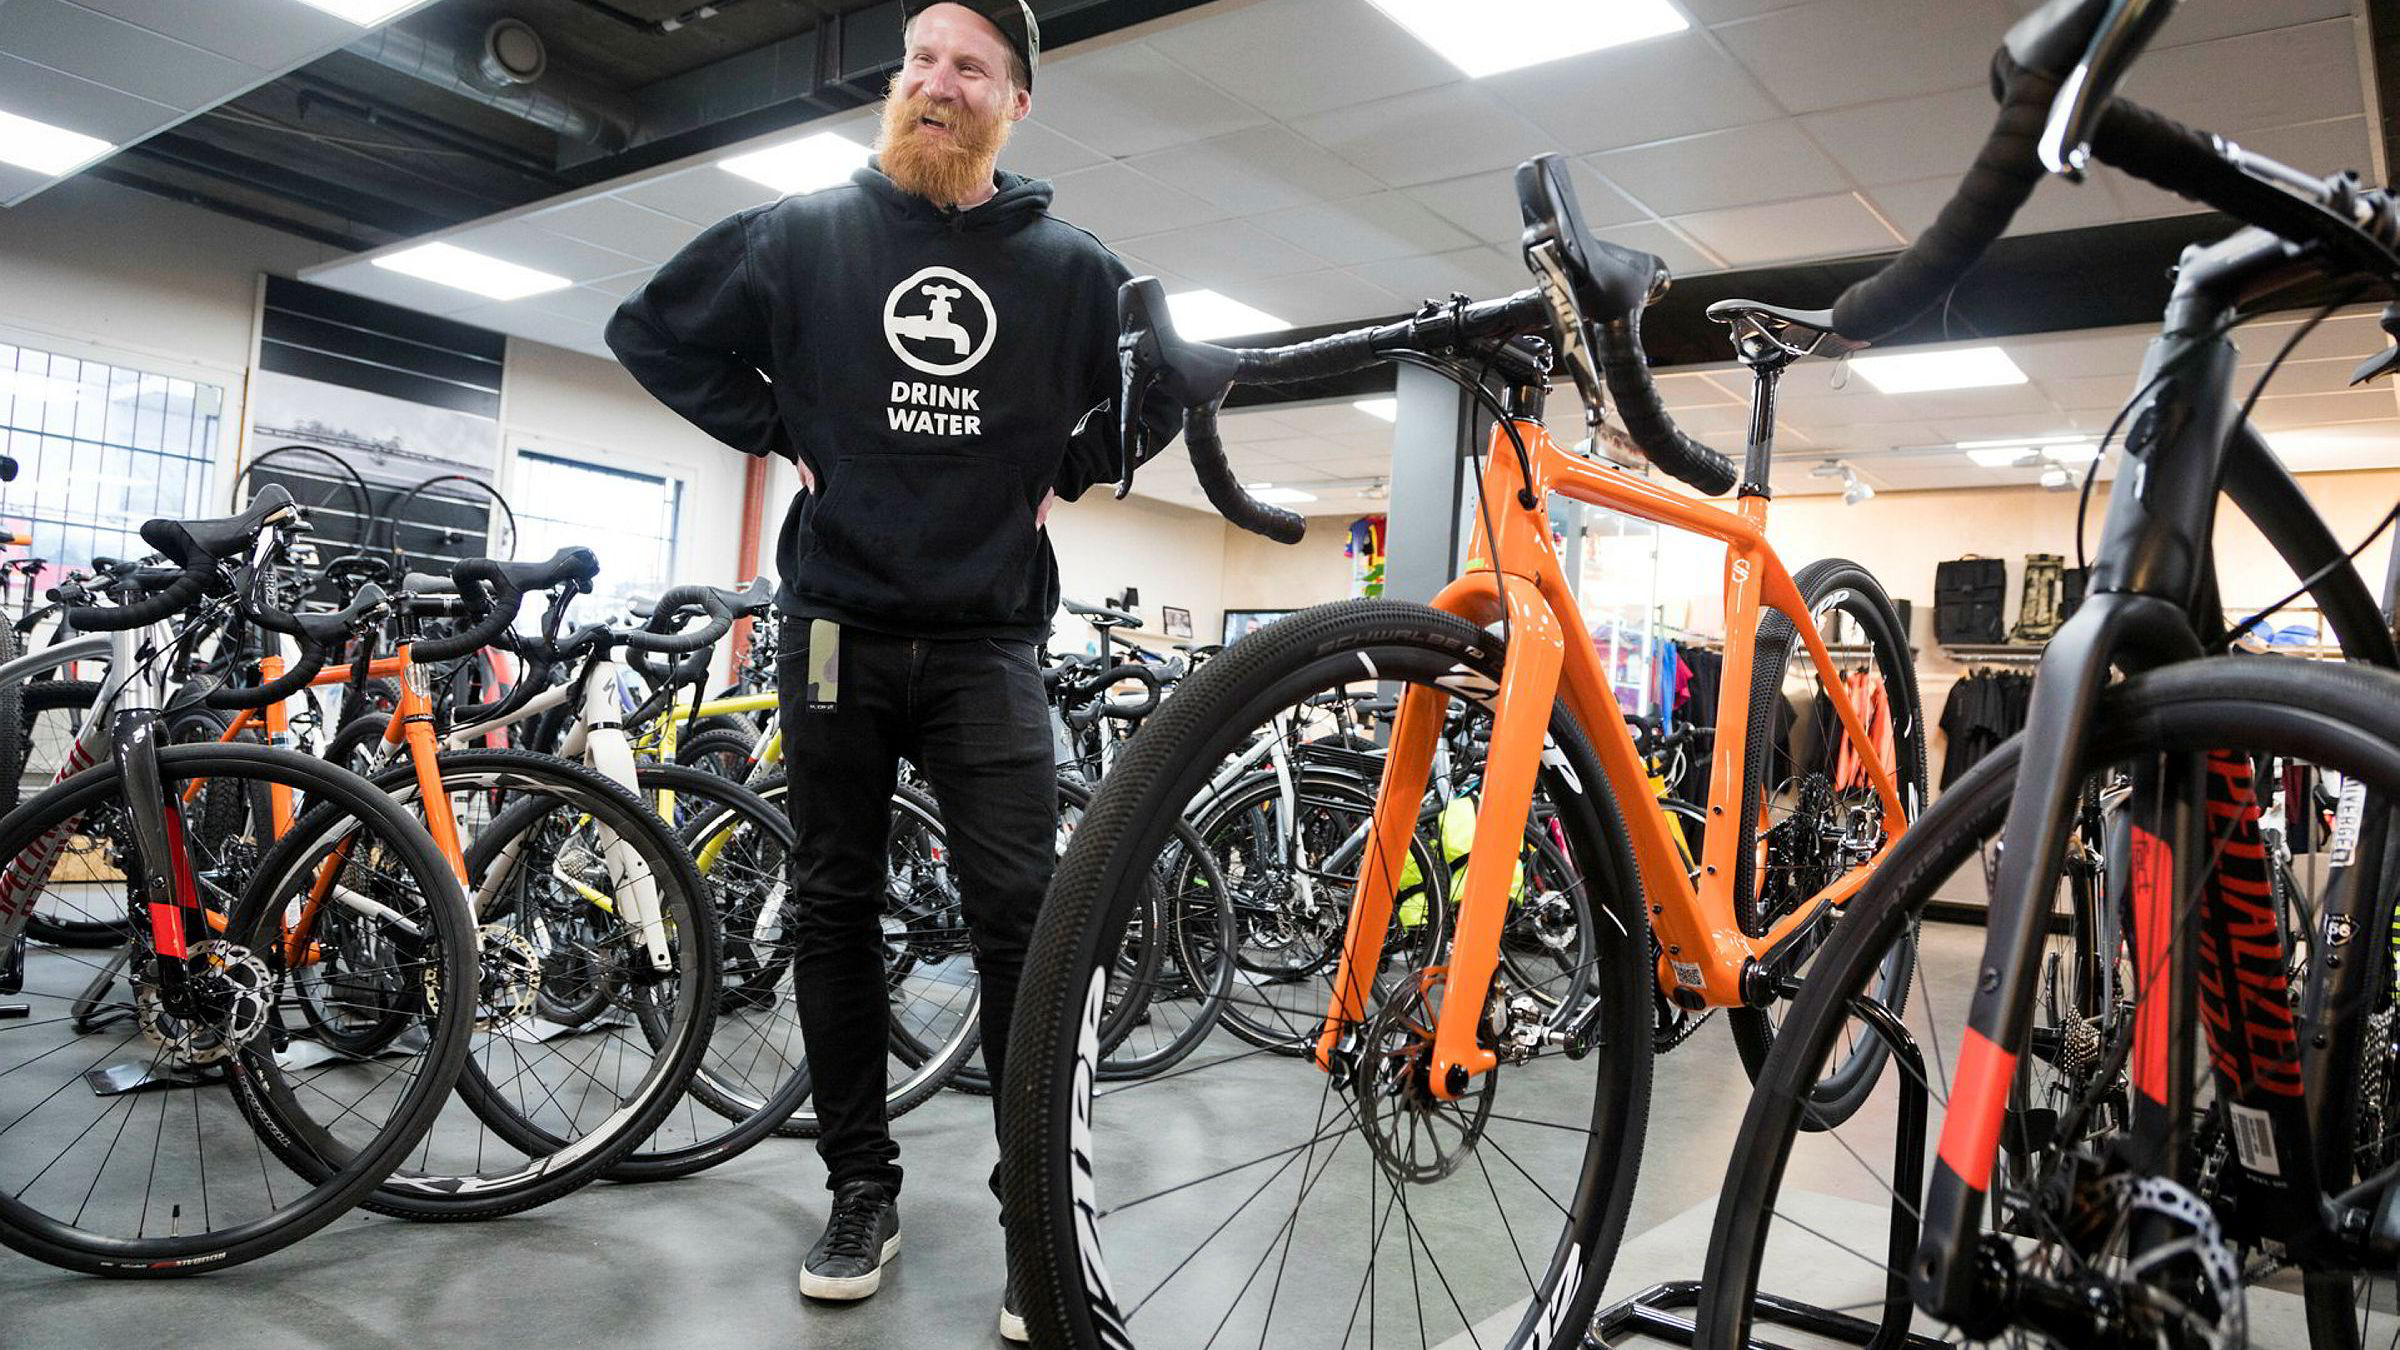 Daglig leder Jonas Strømberg hos Sørensen Sykler mener den oransje «tre i én»-sykkelen er løsningen for mange syklister. Man kan sette den opp som en ren landeveissykkel, en grusracer eller som en hardtail terrengsykkel med bukkestyre.